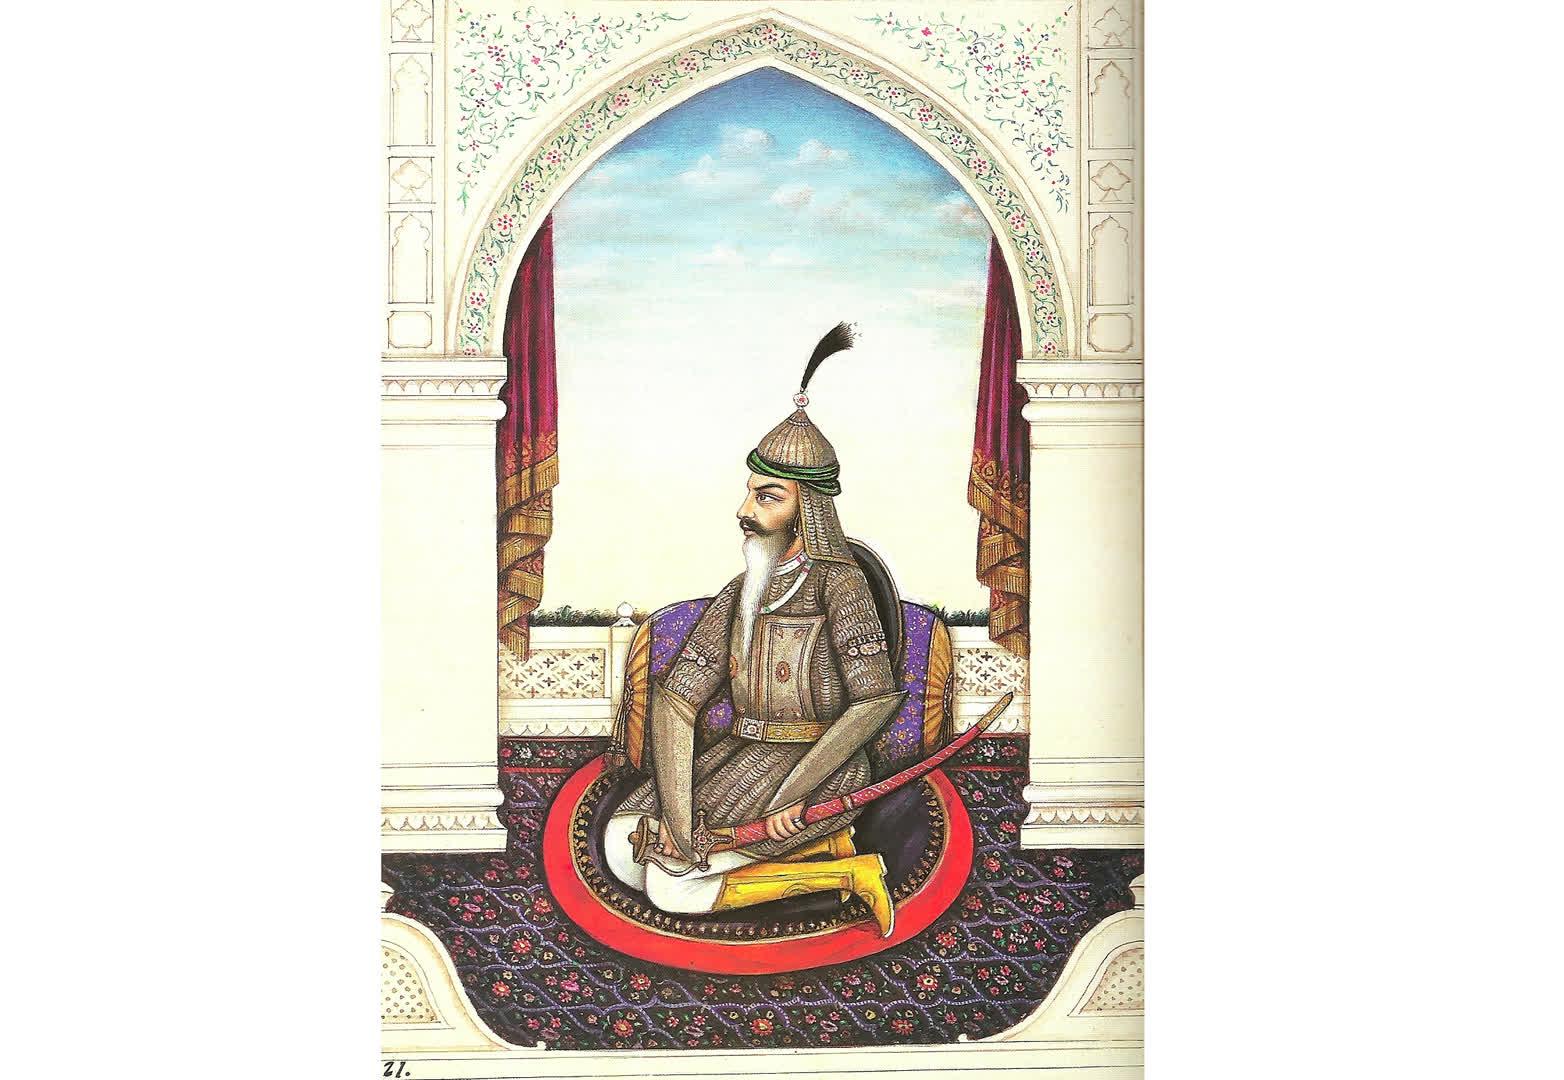 हरि सिंह नलवा और उनकी दो समाधियां